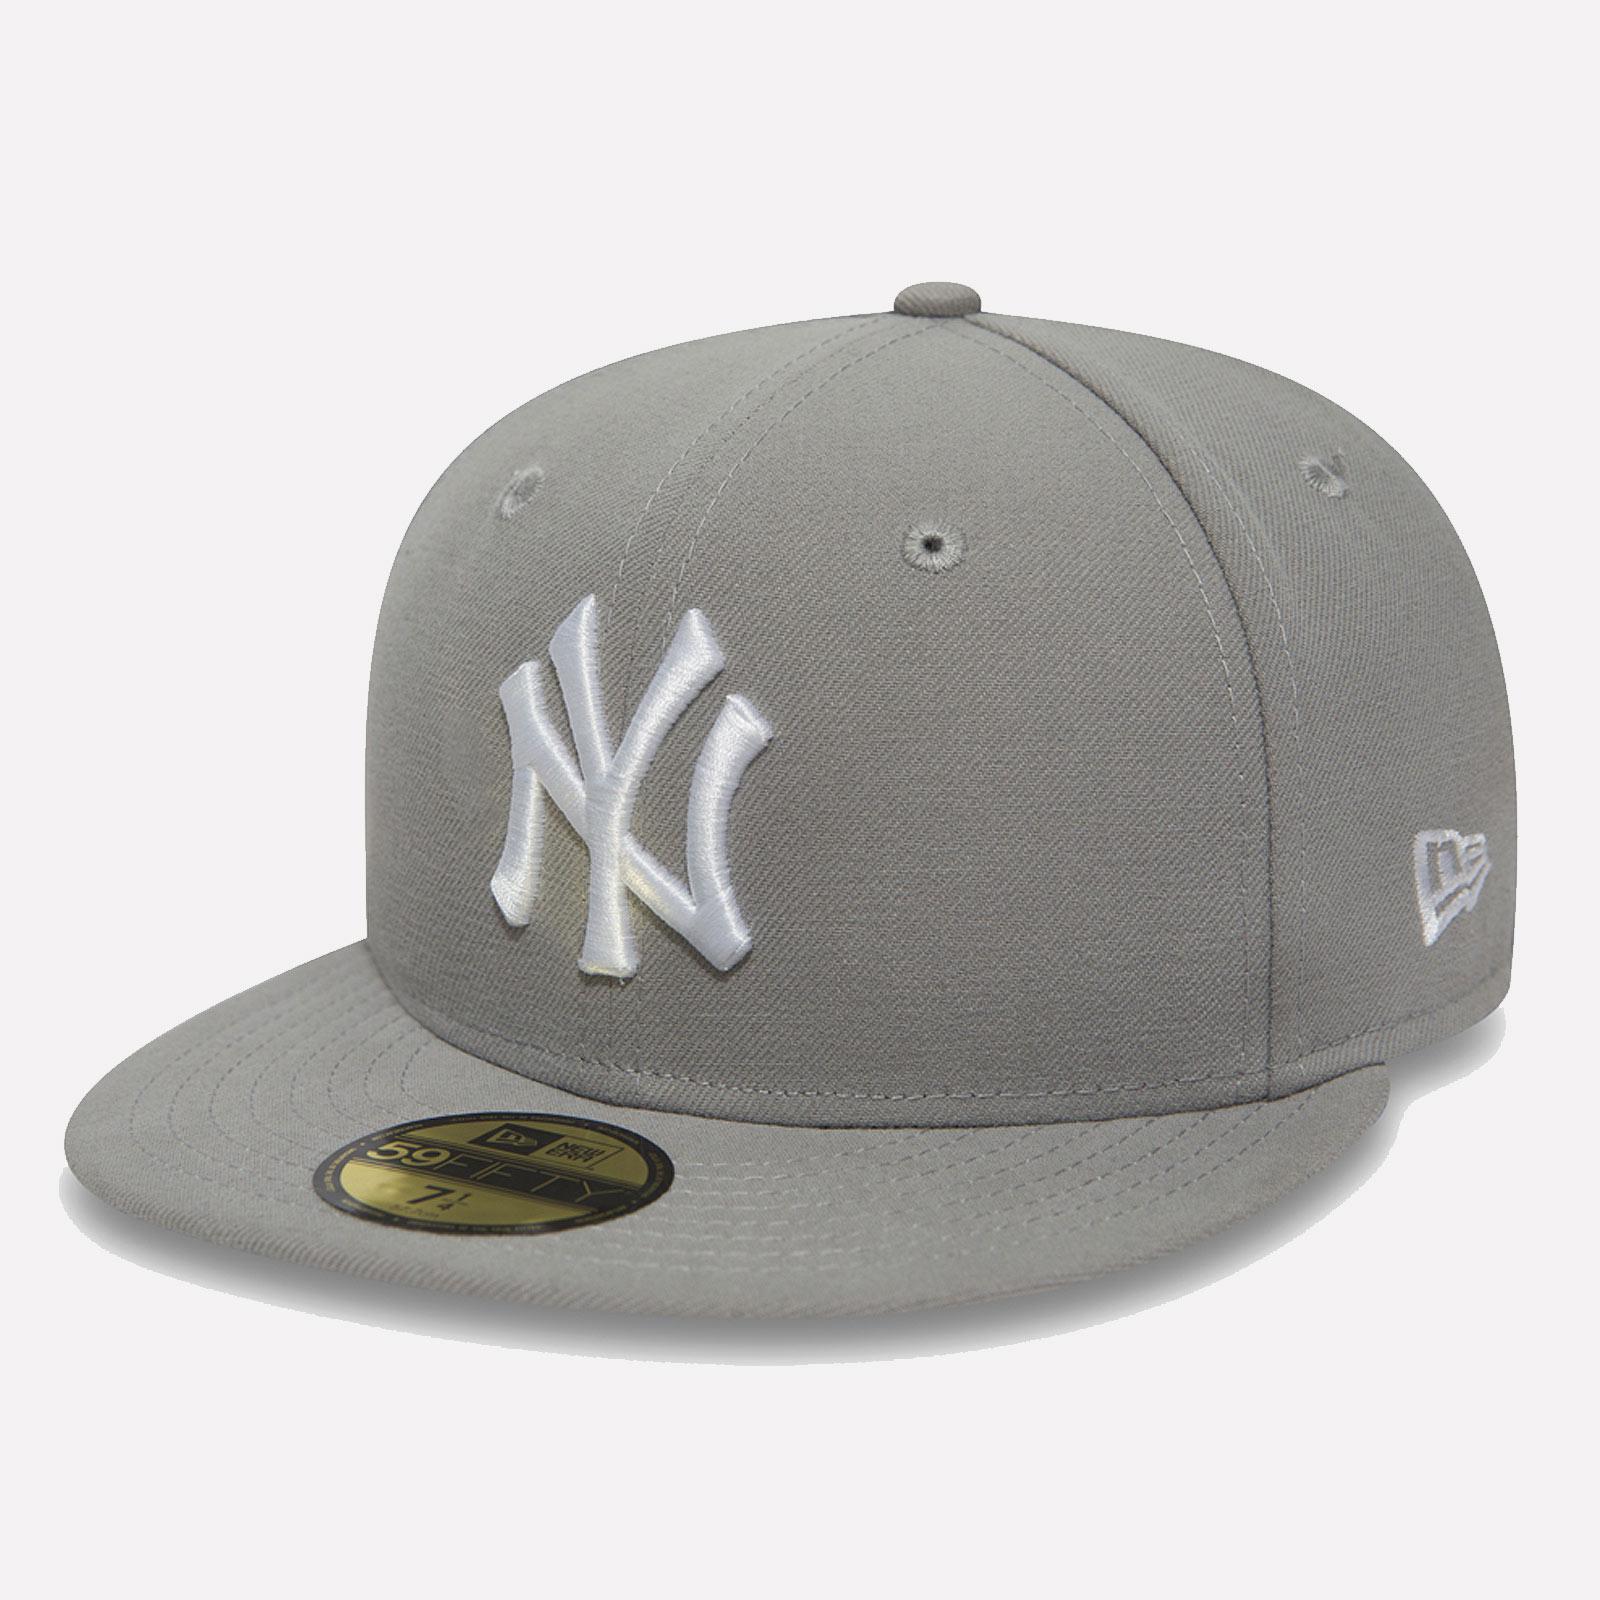 New Era Cap 59Fifty Ajustado York Yankees Béisbol MLB Gorra ... 7325f6aa248